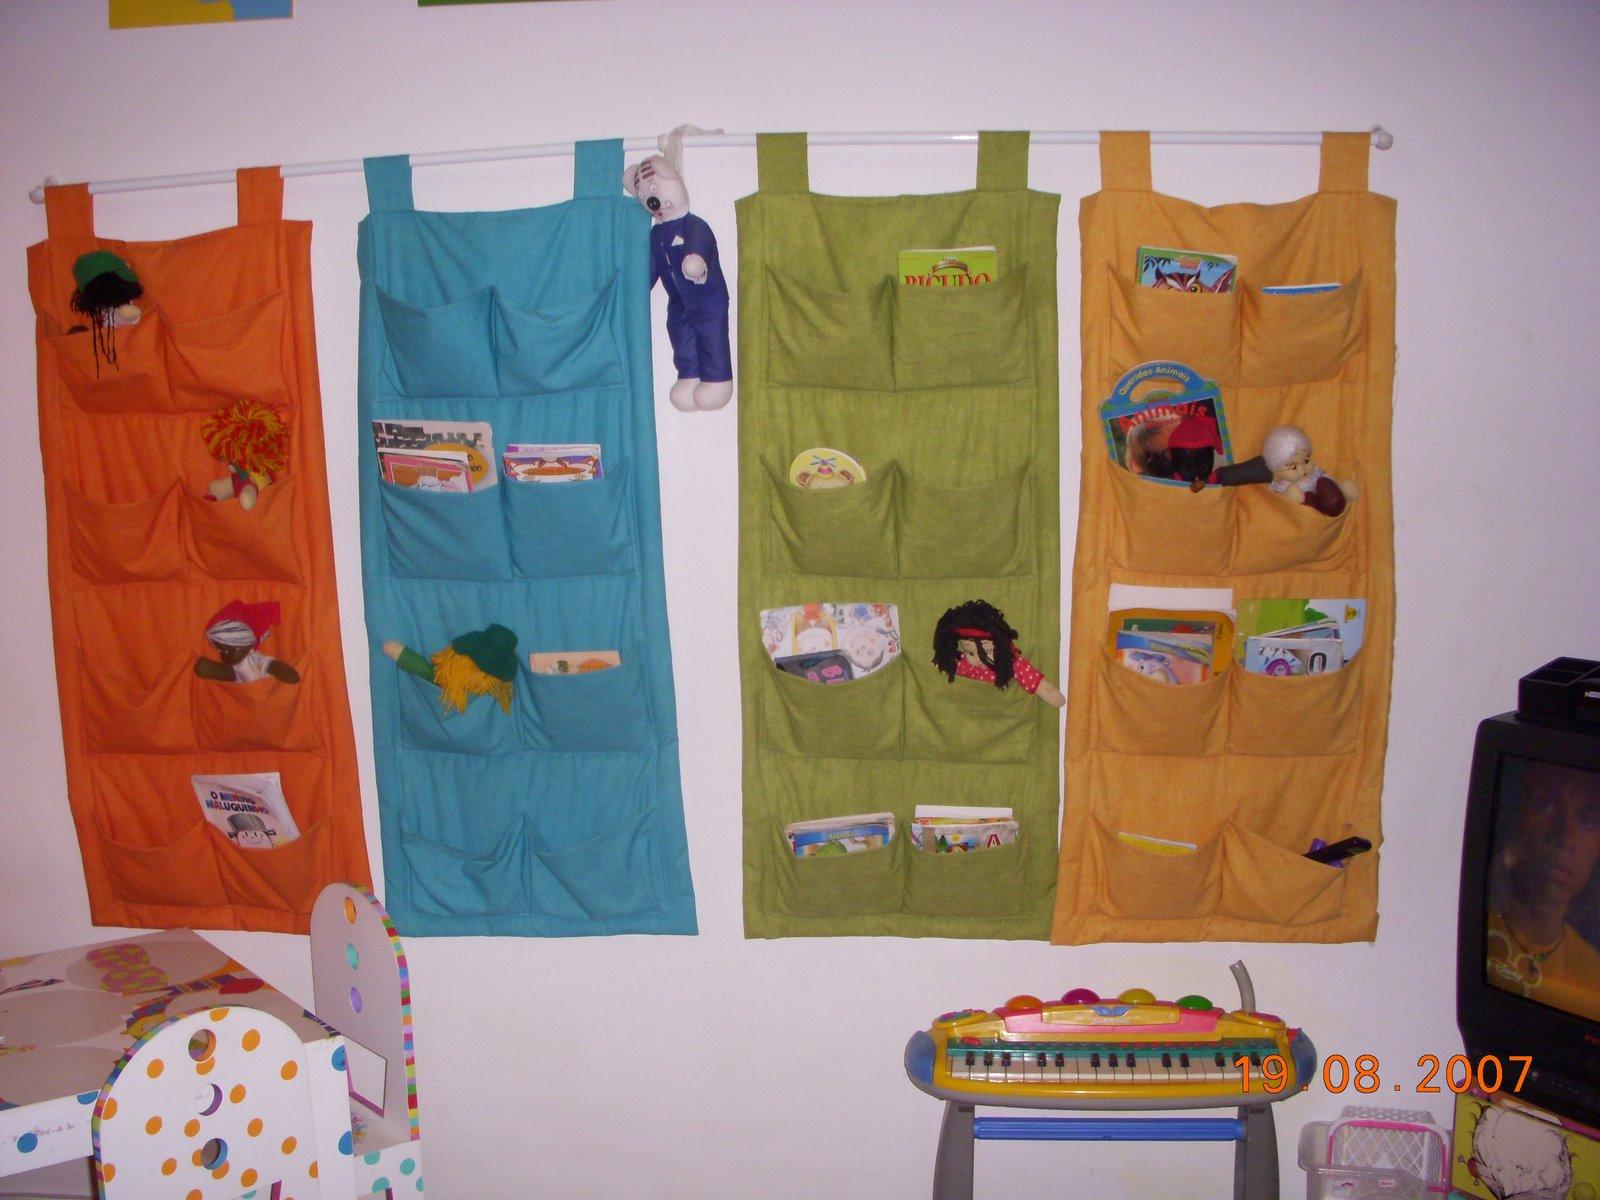 decorar sala de kinder : decorar sala de kinder:Decoração de A a Z: TRANSFORMAÇÃO DE UM AMBIENTE GRATIS